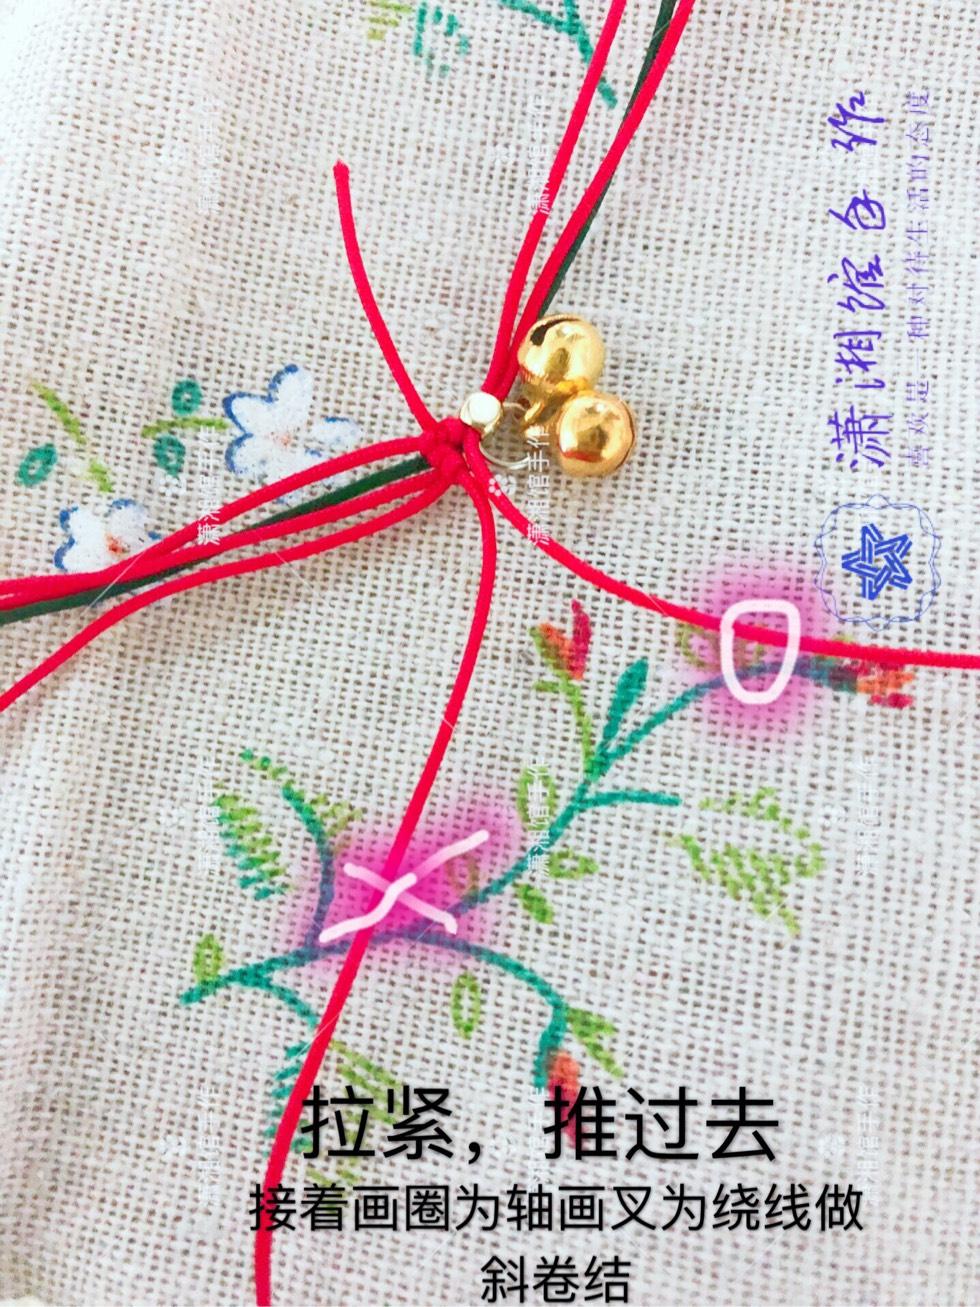 中国结论坛 圣诞节蝴蝶结手链  图文教程区 114826pkxuxtkfgmpukks7